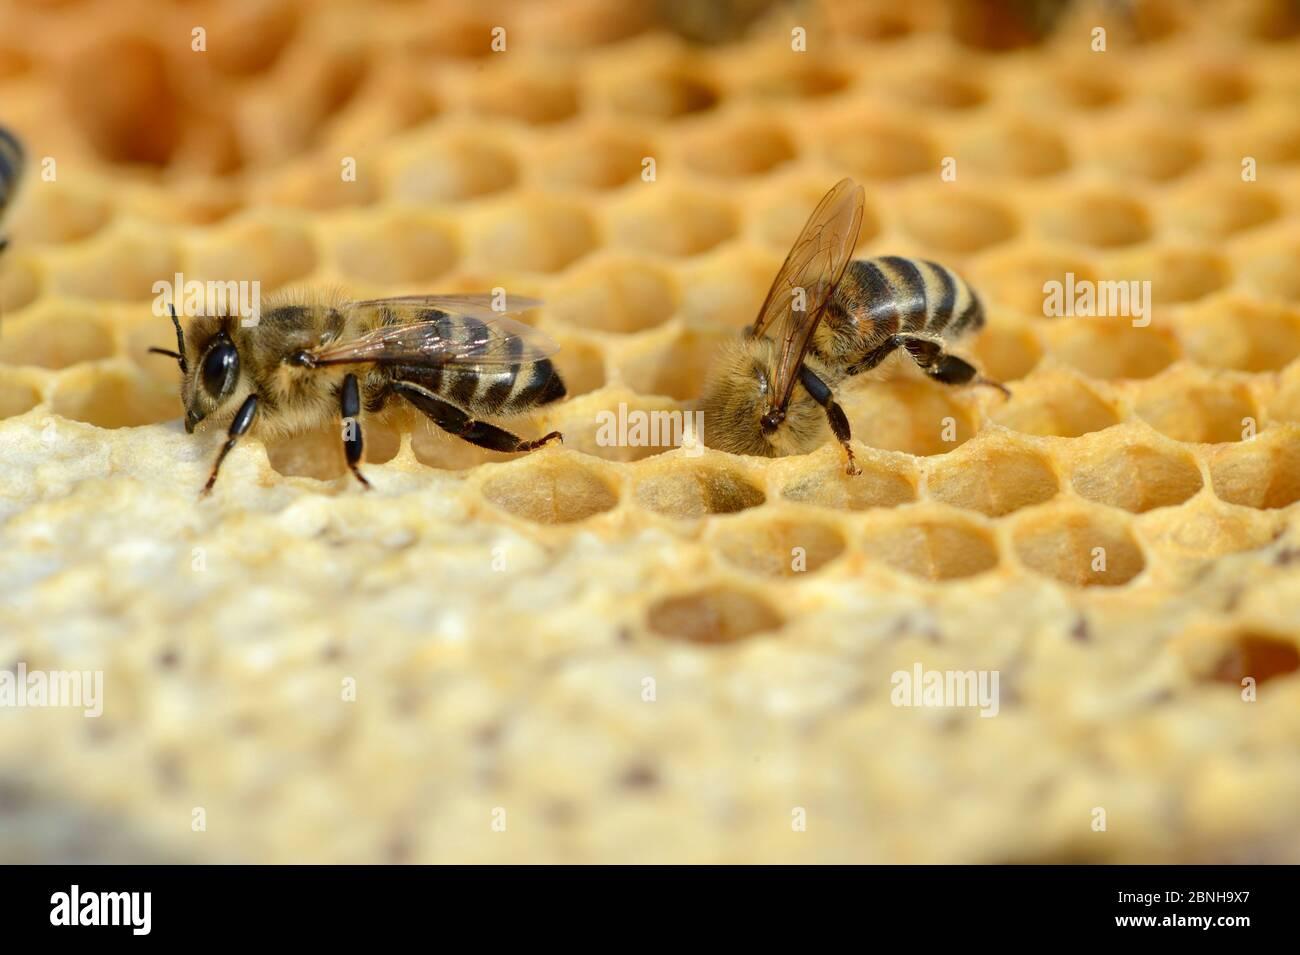 Les abeilles domestiques européennes (APIs mellifera) mettent le miel dans les cellules de stockage en peigne dans la ruche. Lorraine, France. Août. Banque D'Images